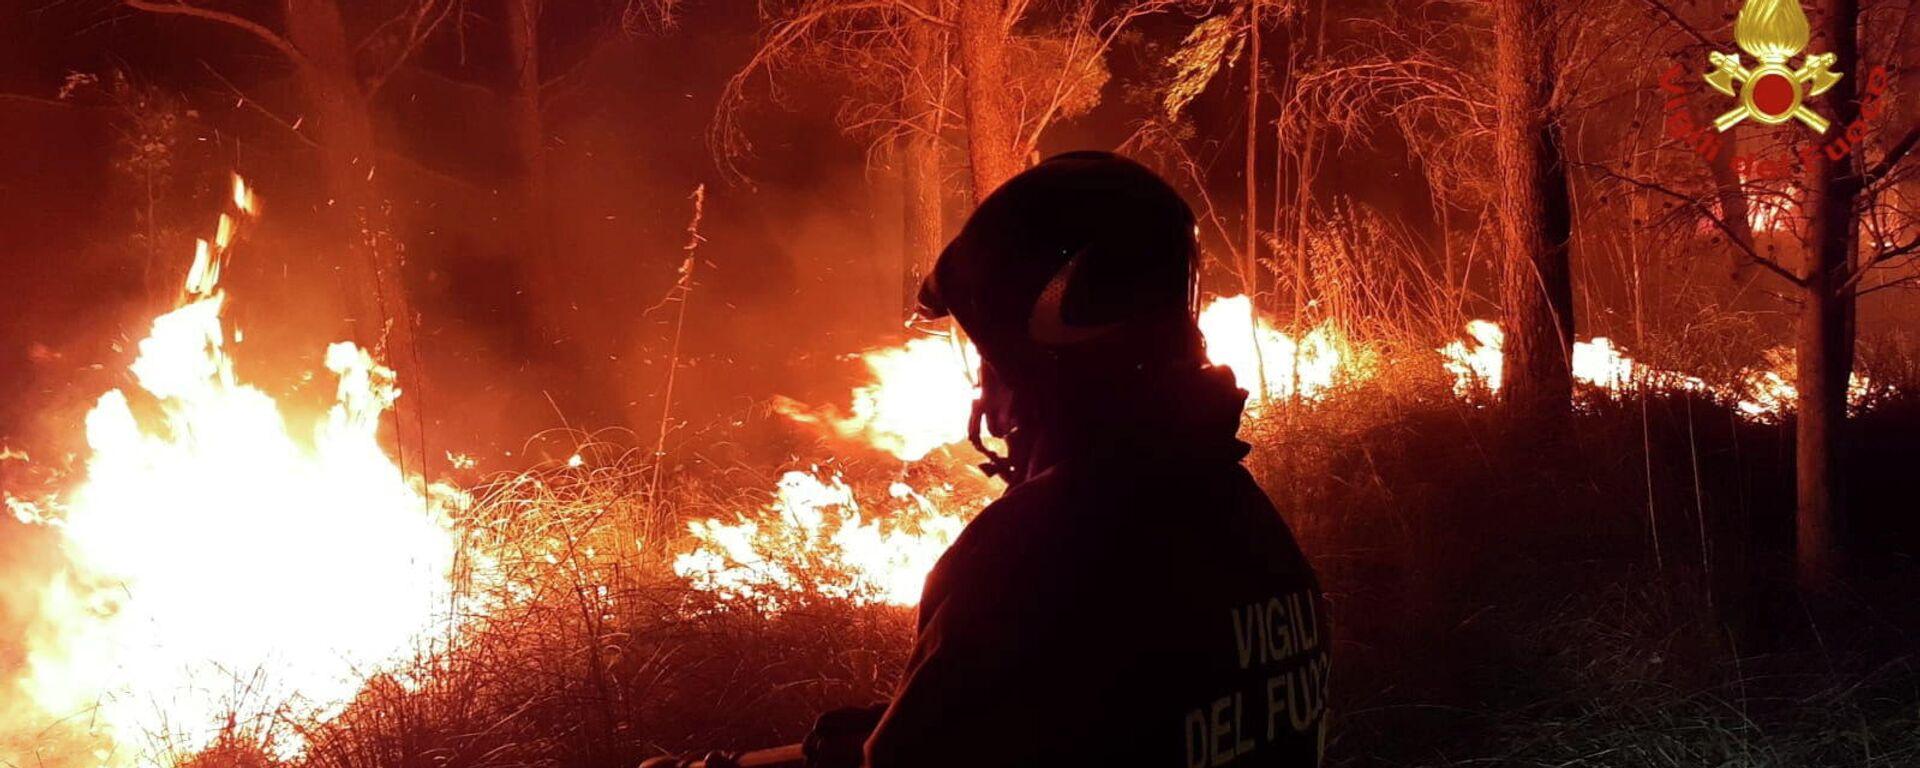 Waldbrände in Italien - SNA, 1920, 12.08.2021